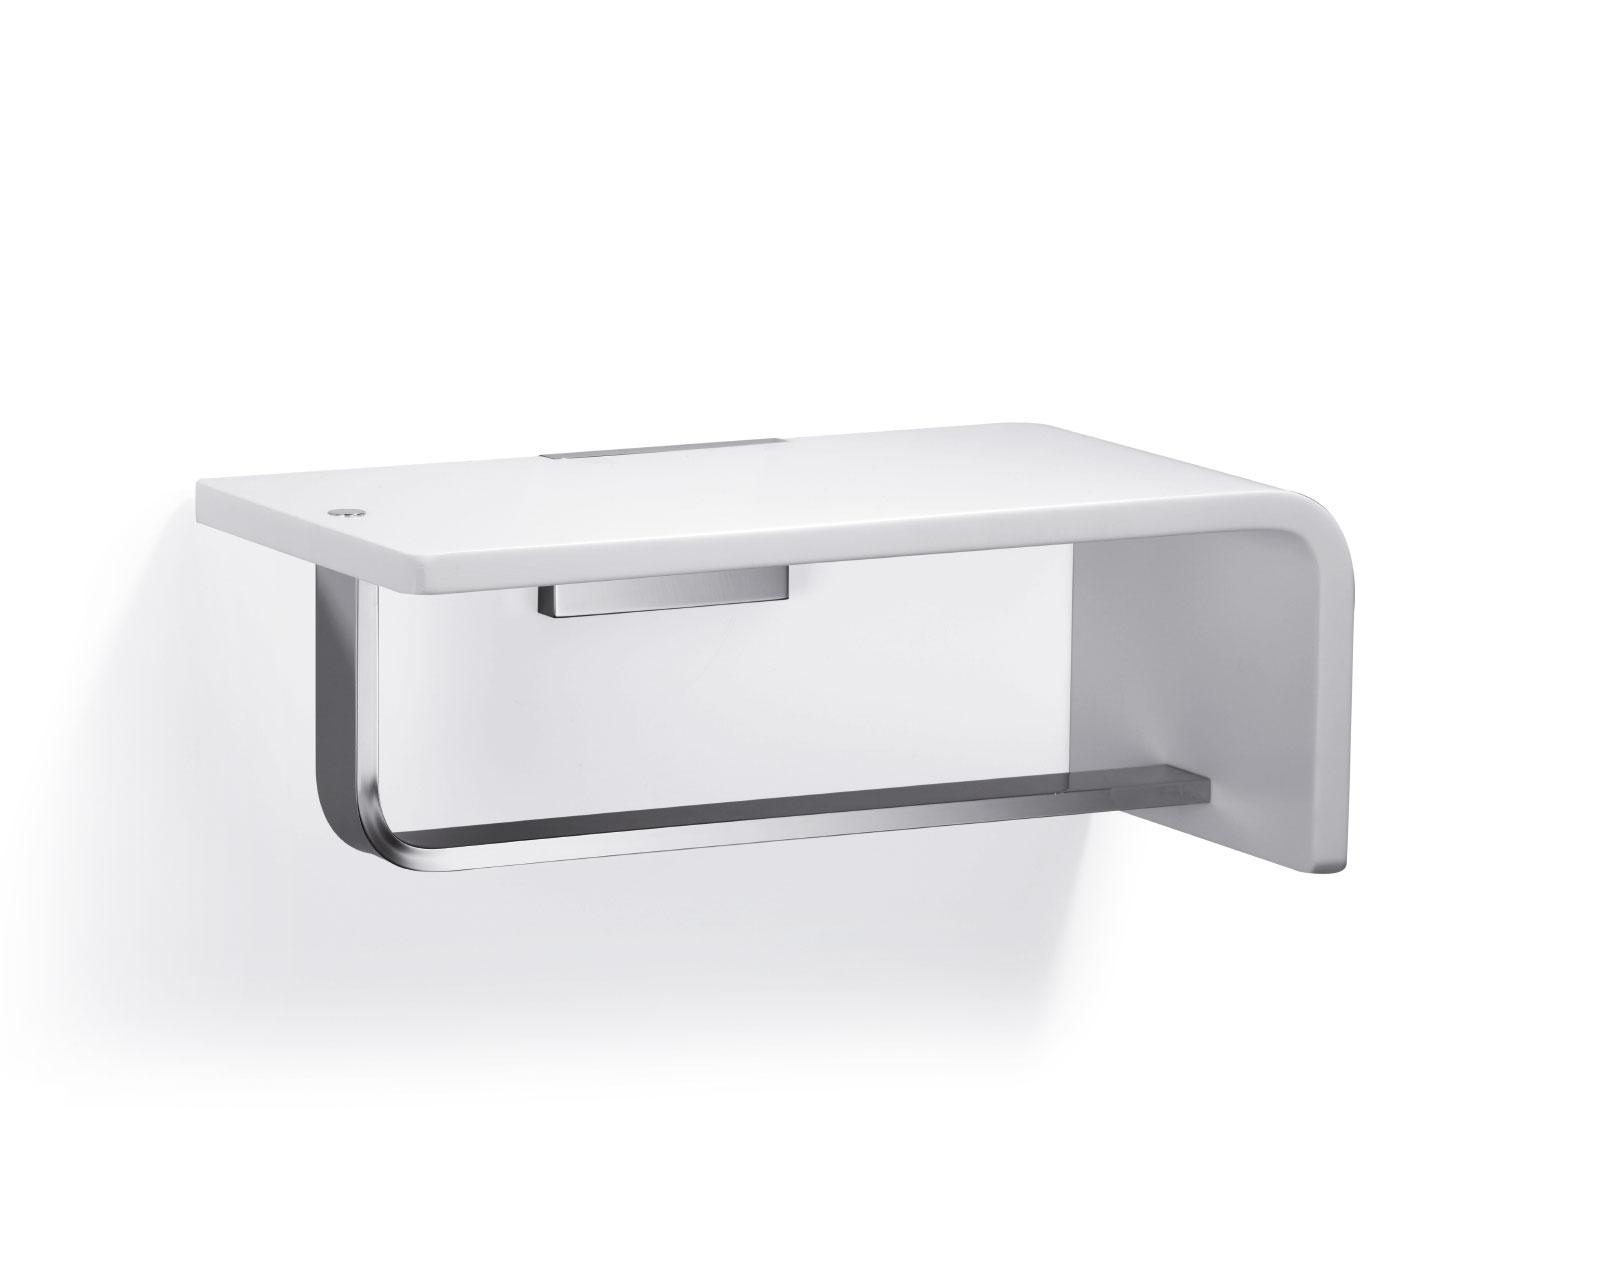 Produktdesign - 50056 Noka Waschtisch - Konsole